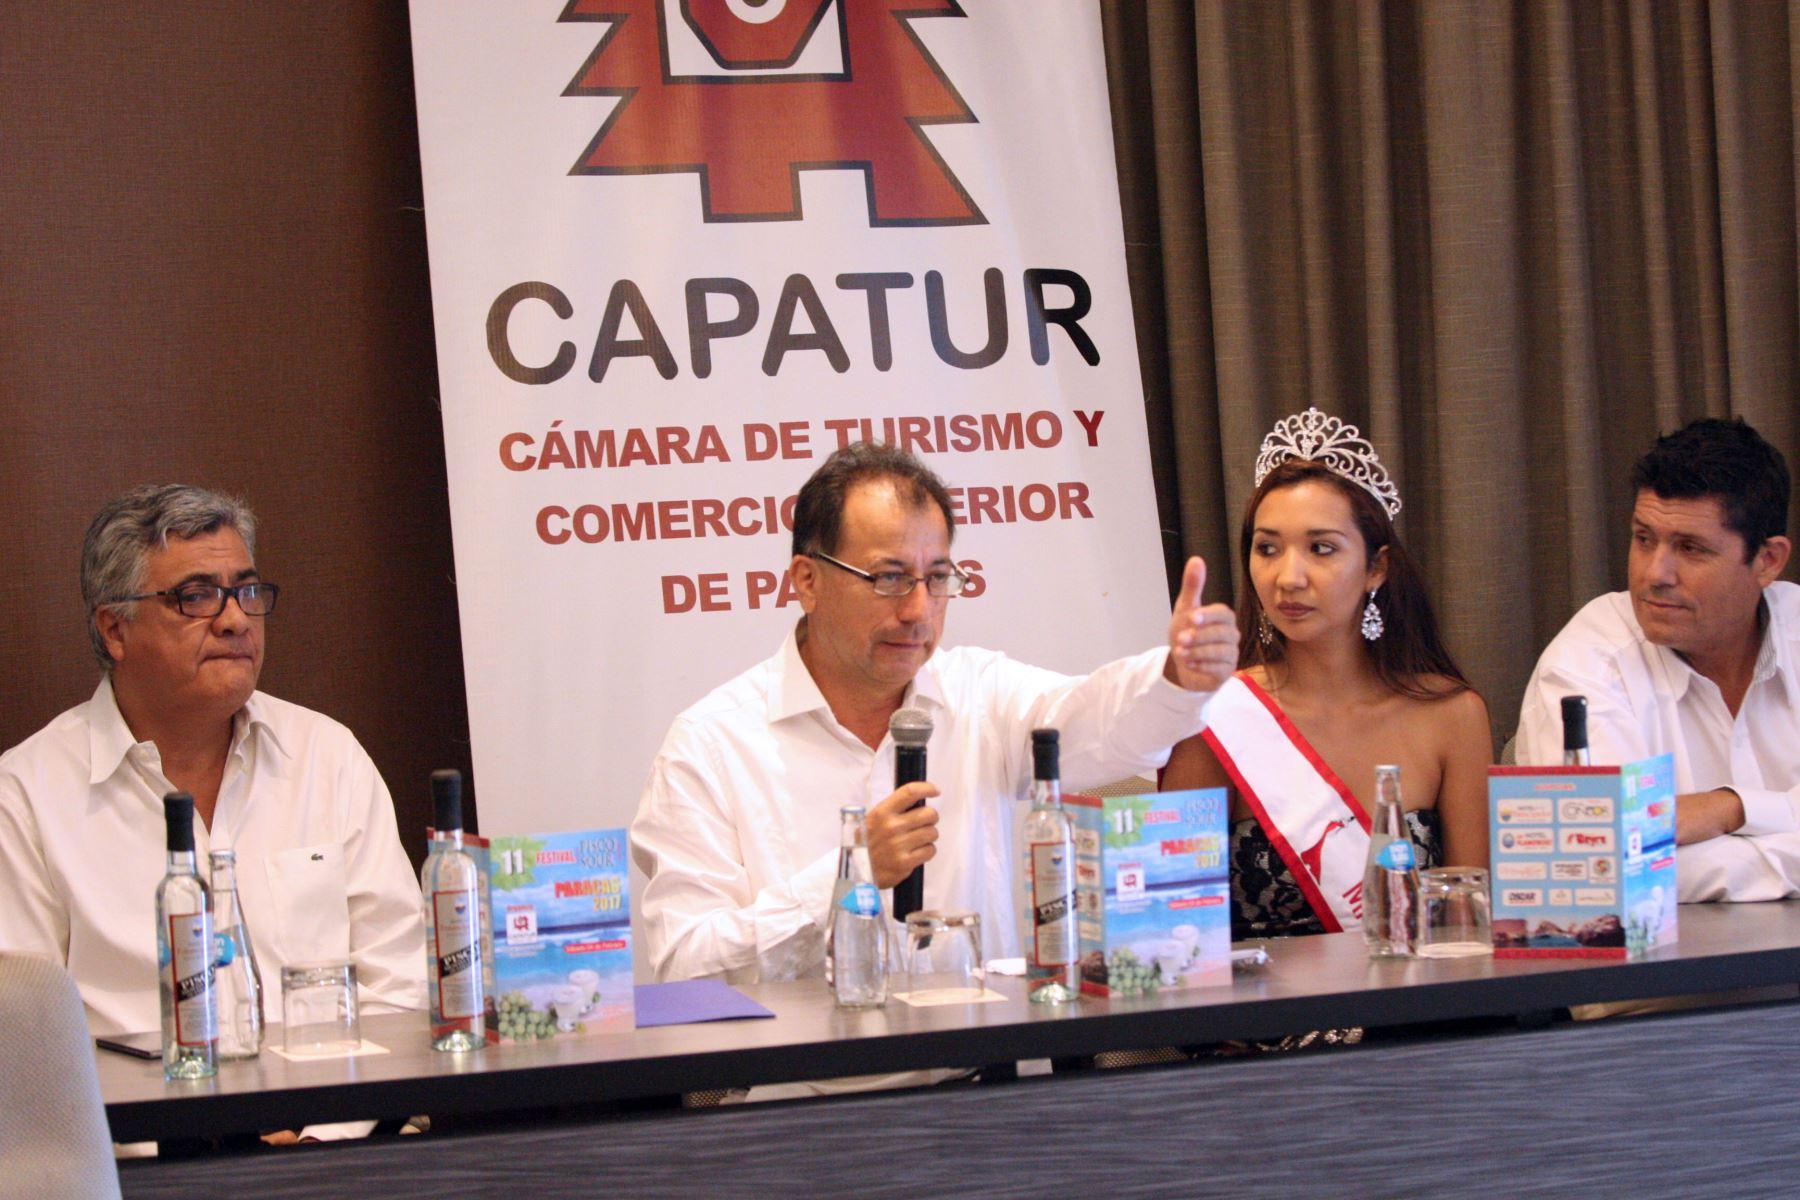 """Eduardo Jáuregui, presidente de la Cámara de Turismo y Comercio Exterior de Paracas (Capatur) en conferencia de prensa anuncia"""" Dia del Pisco Sour"""" en Paracas ANDINA/Jhony Laurente."""